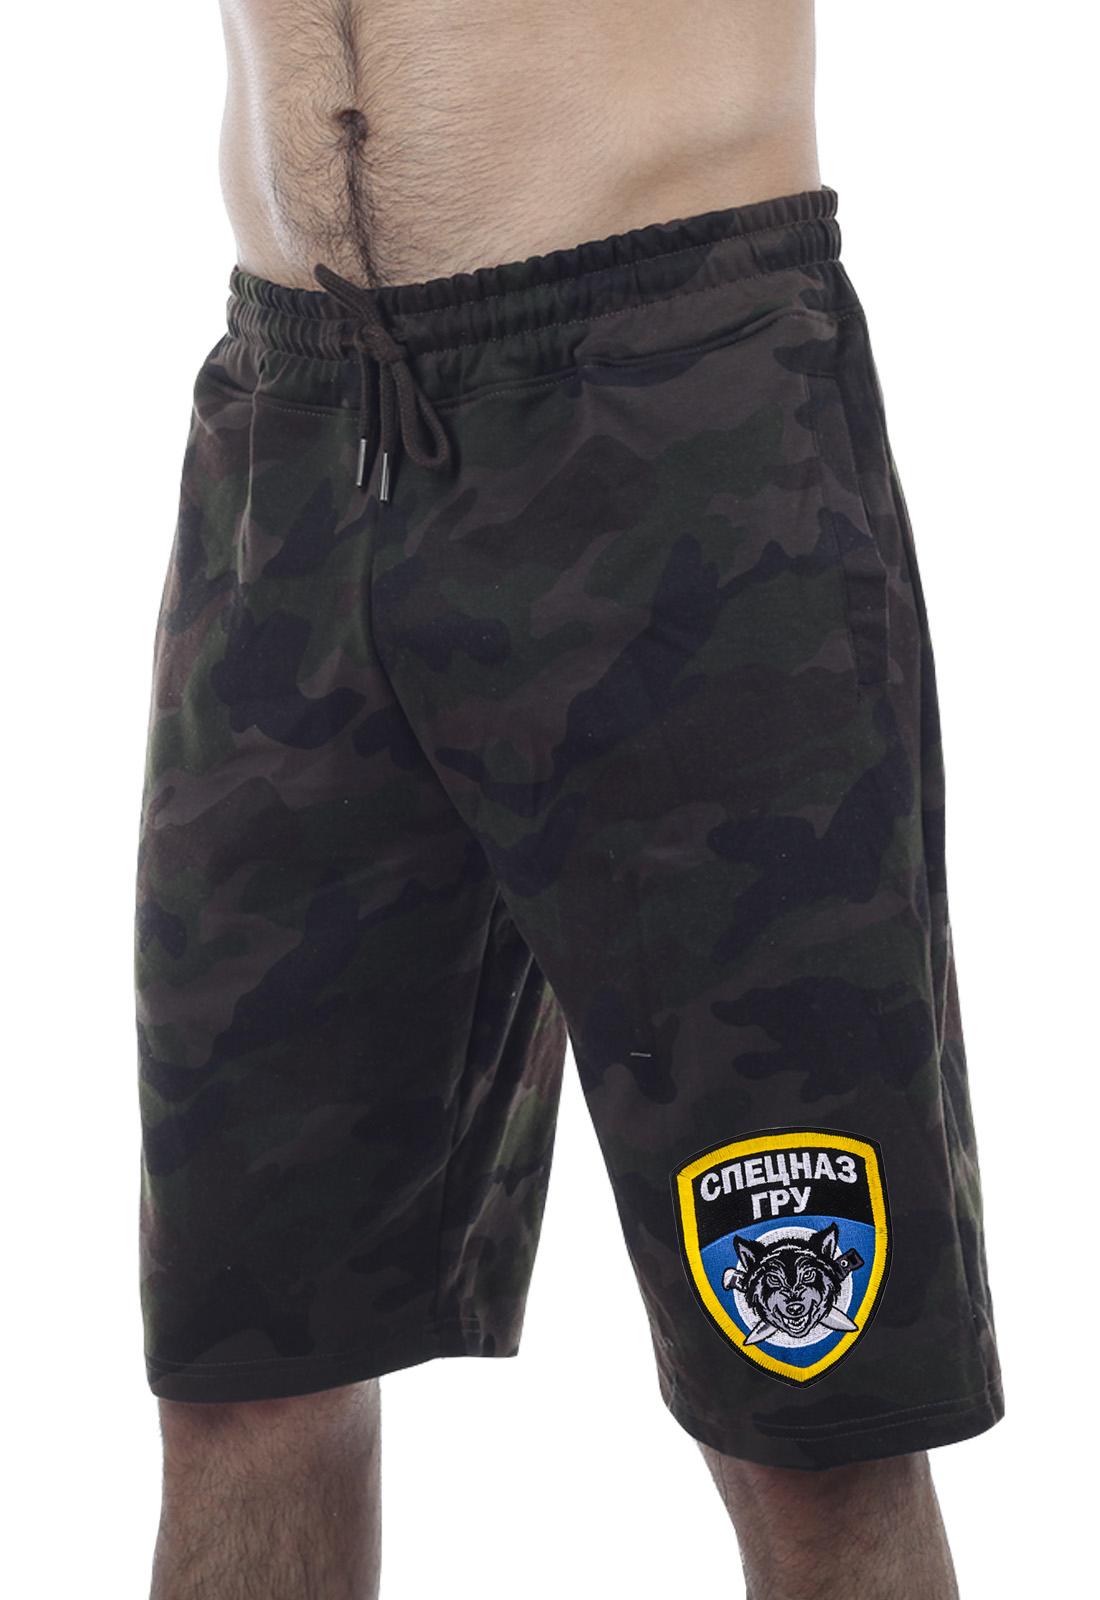 Военные мужские шорты с вышивкой Спецназа ГРУ